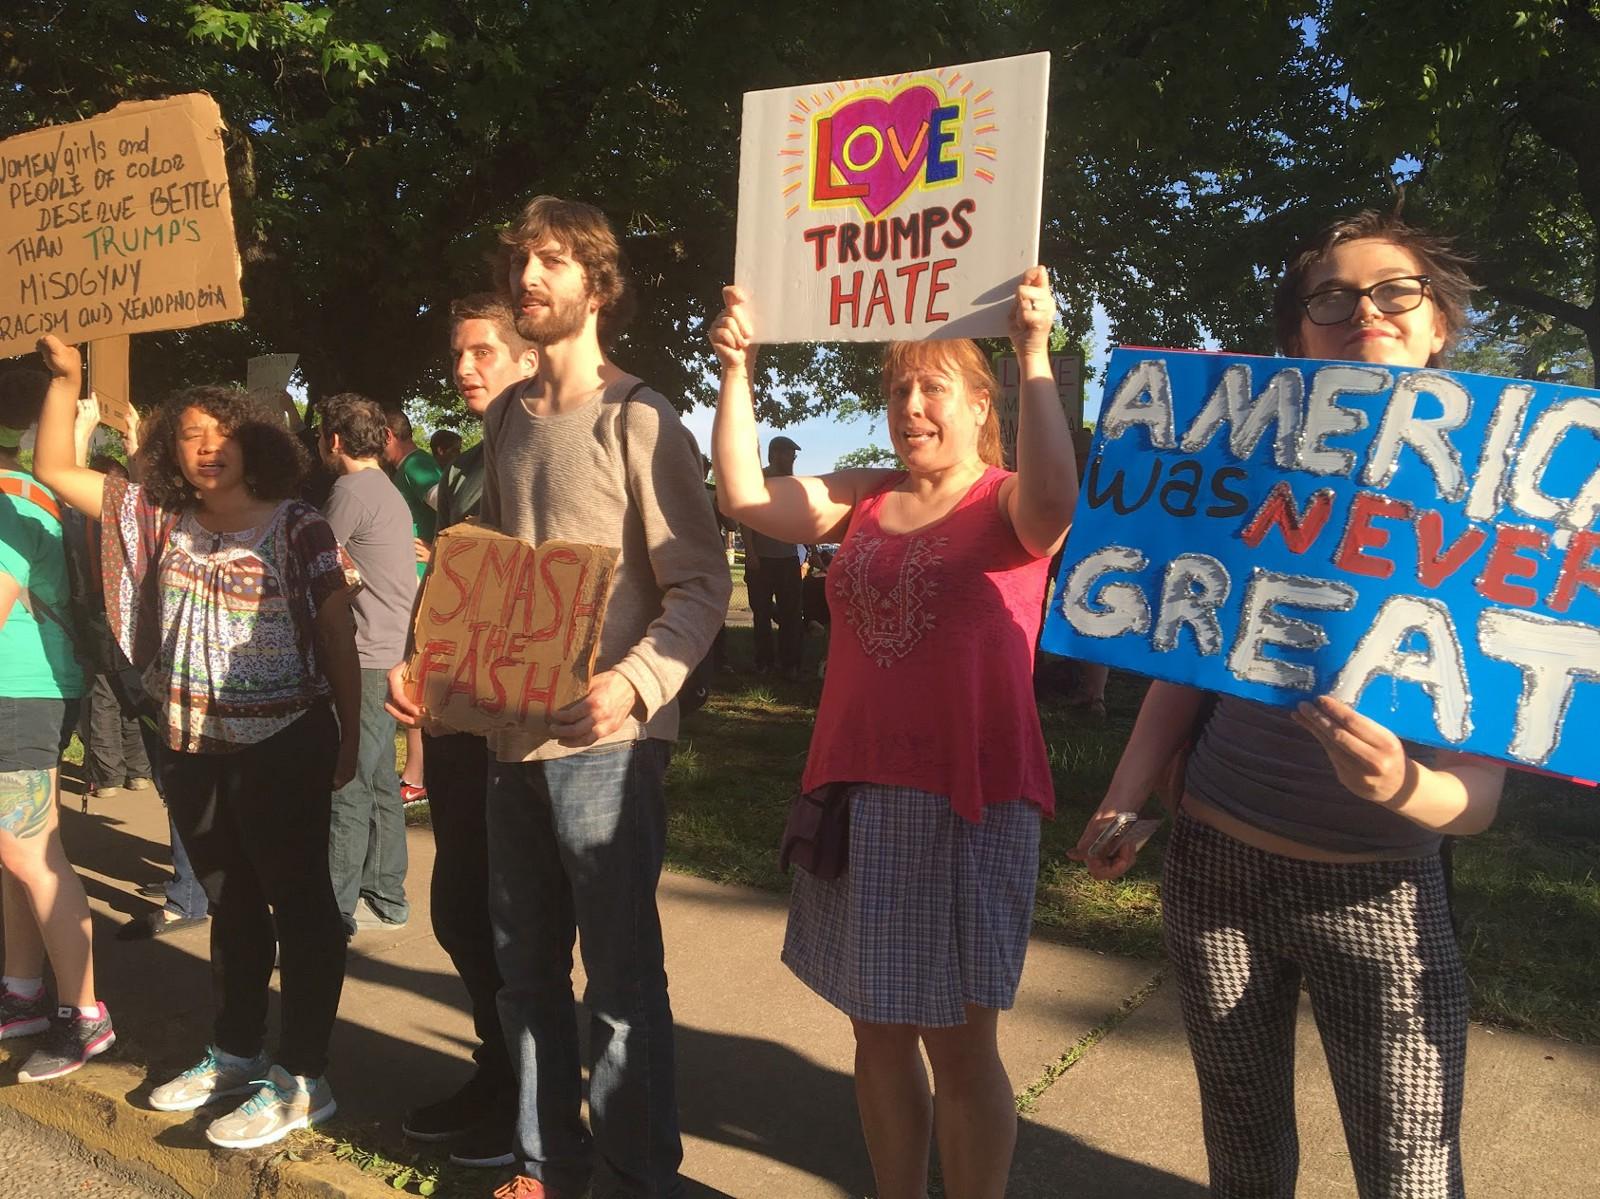 Protestos contra Trump durante sua visita ao estado de Oregon, em maio de 2016.